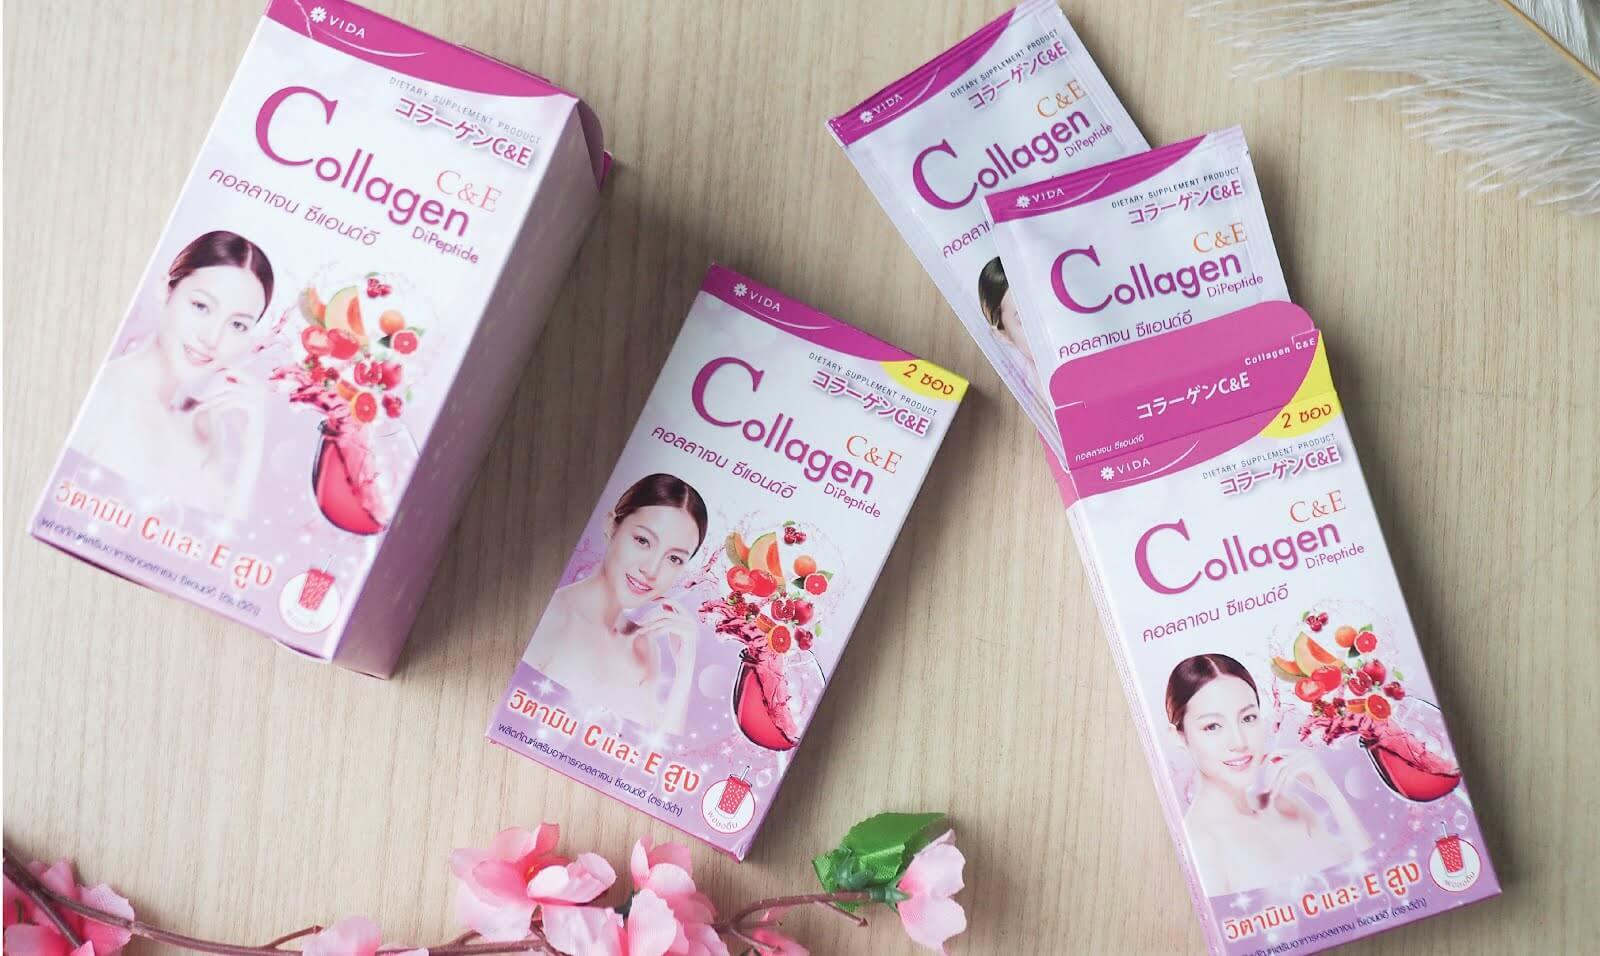 Vida Collagen DiPeptide C&E